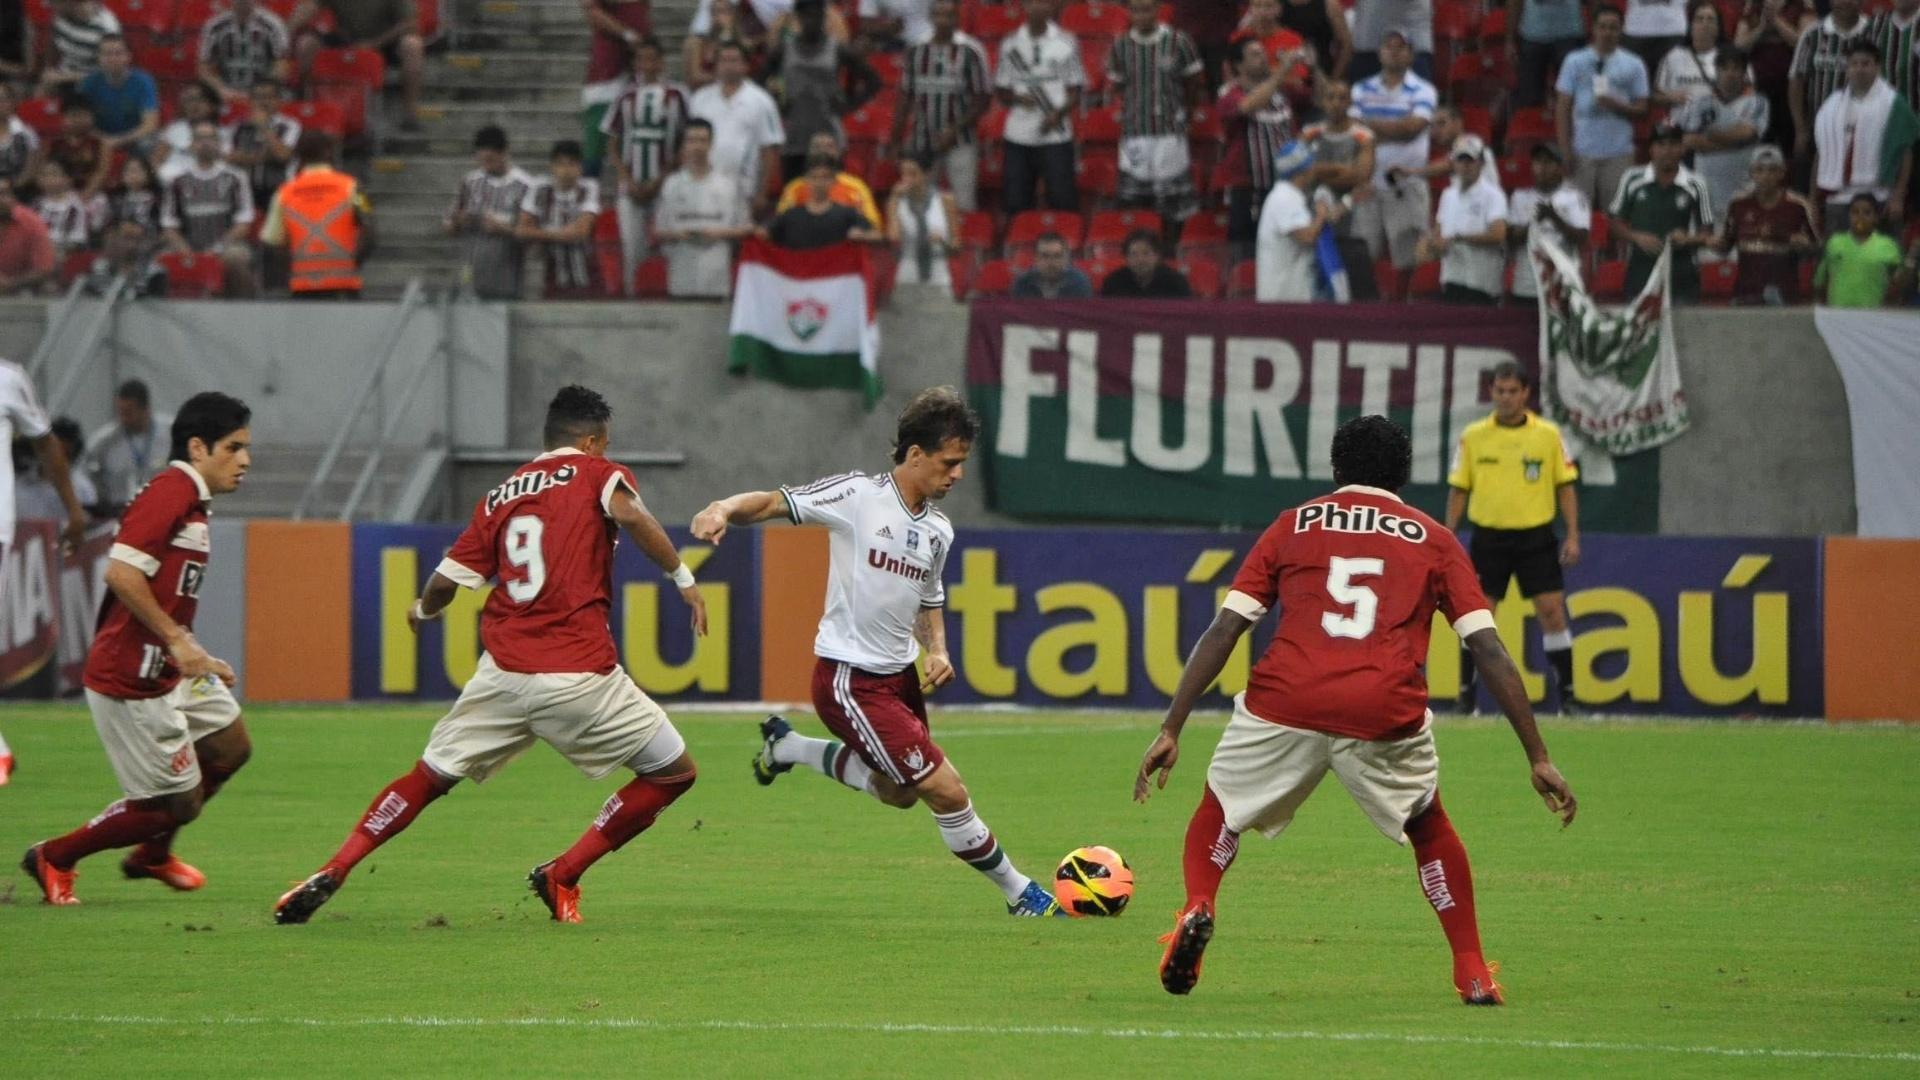 17.08.13 - Diguinho tenta fazer lançamento na partida entre Fluminense e Náutico pelo Brasileirão